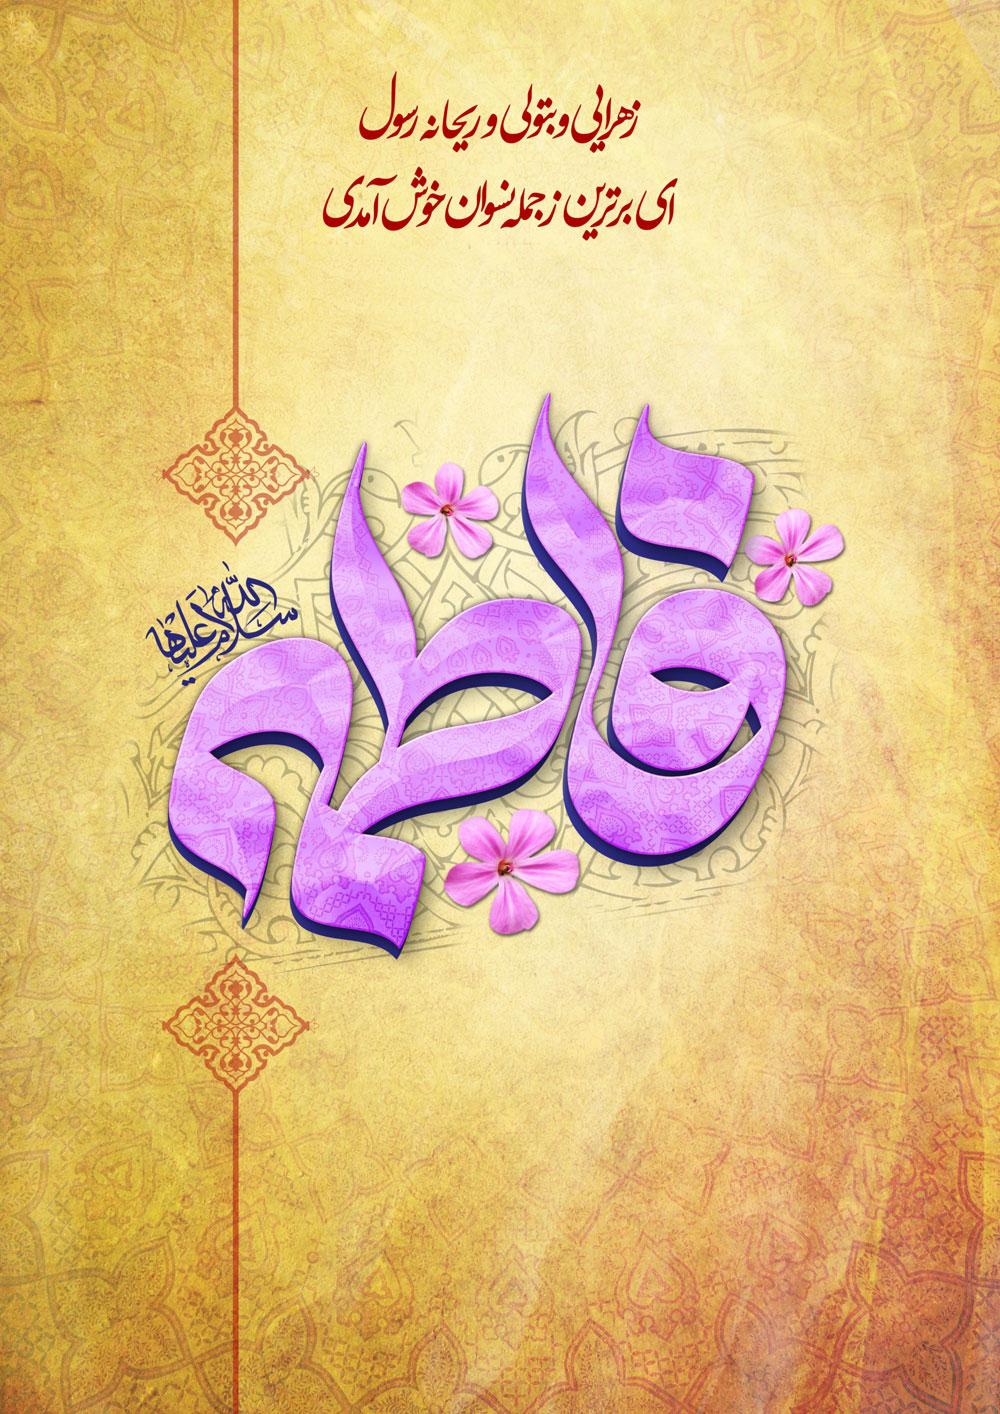 میلاد حضرت زهرا   پوستر میلاد حضرت فاطمه (س) Veladat Hazrat Zahra 11